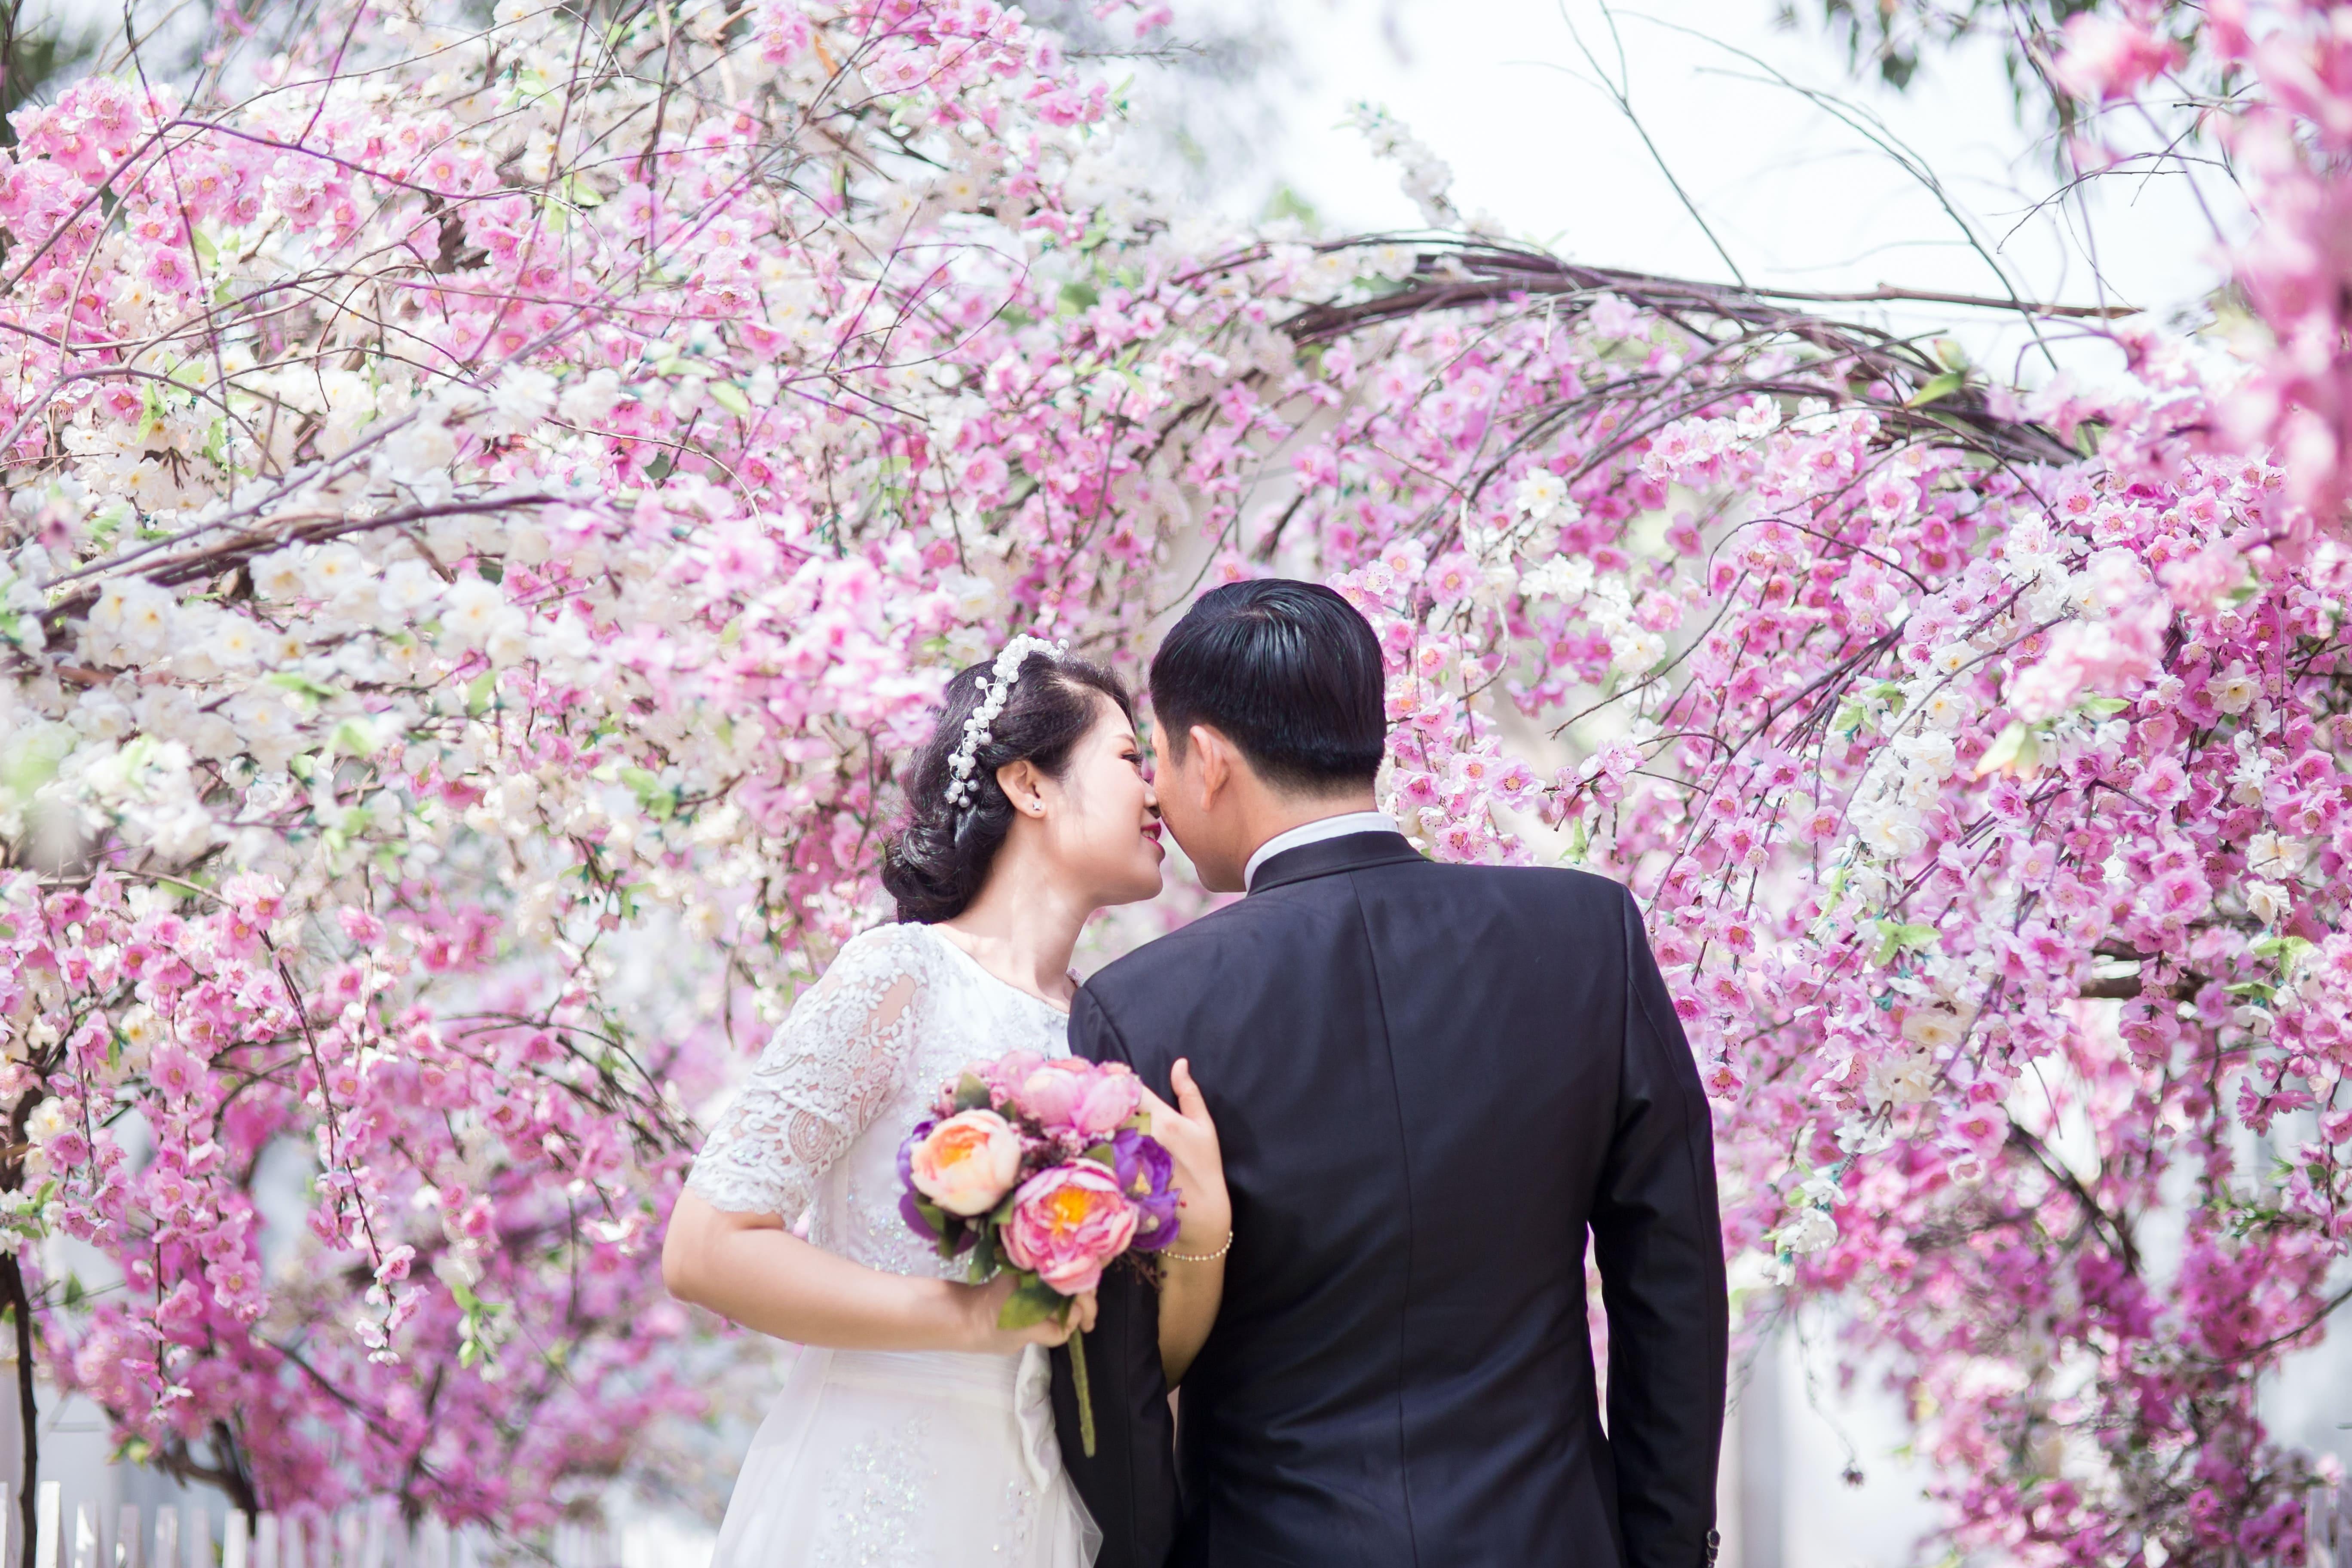 Hochzeit-im-Fr-hling-1Z4MjHVHgBKXaS